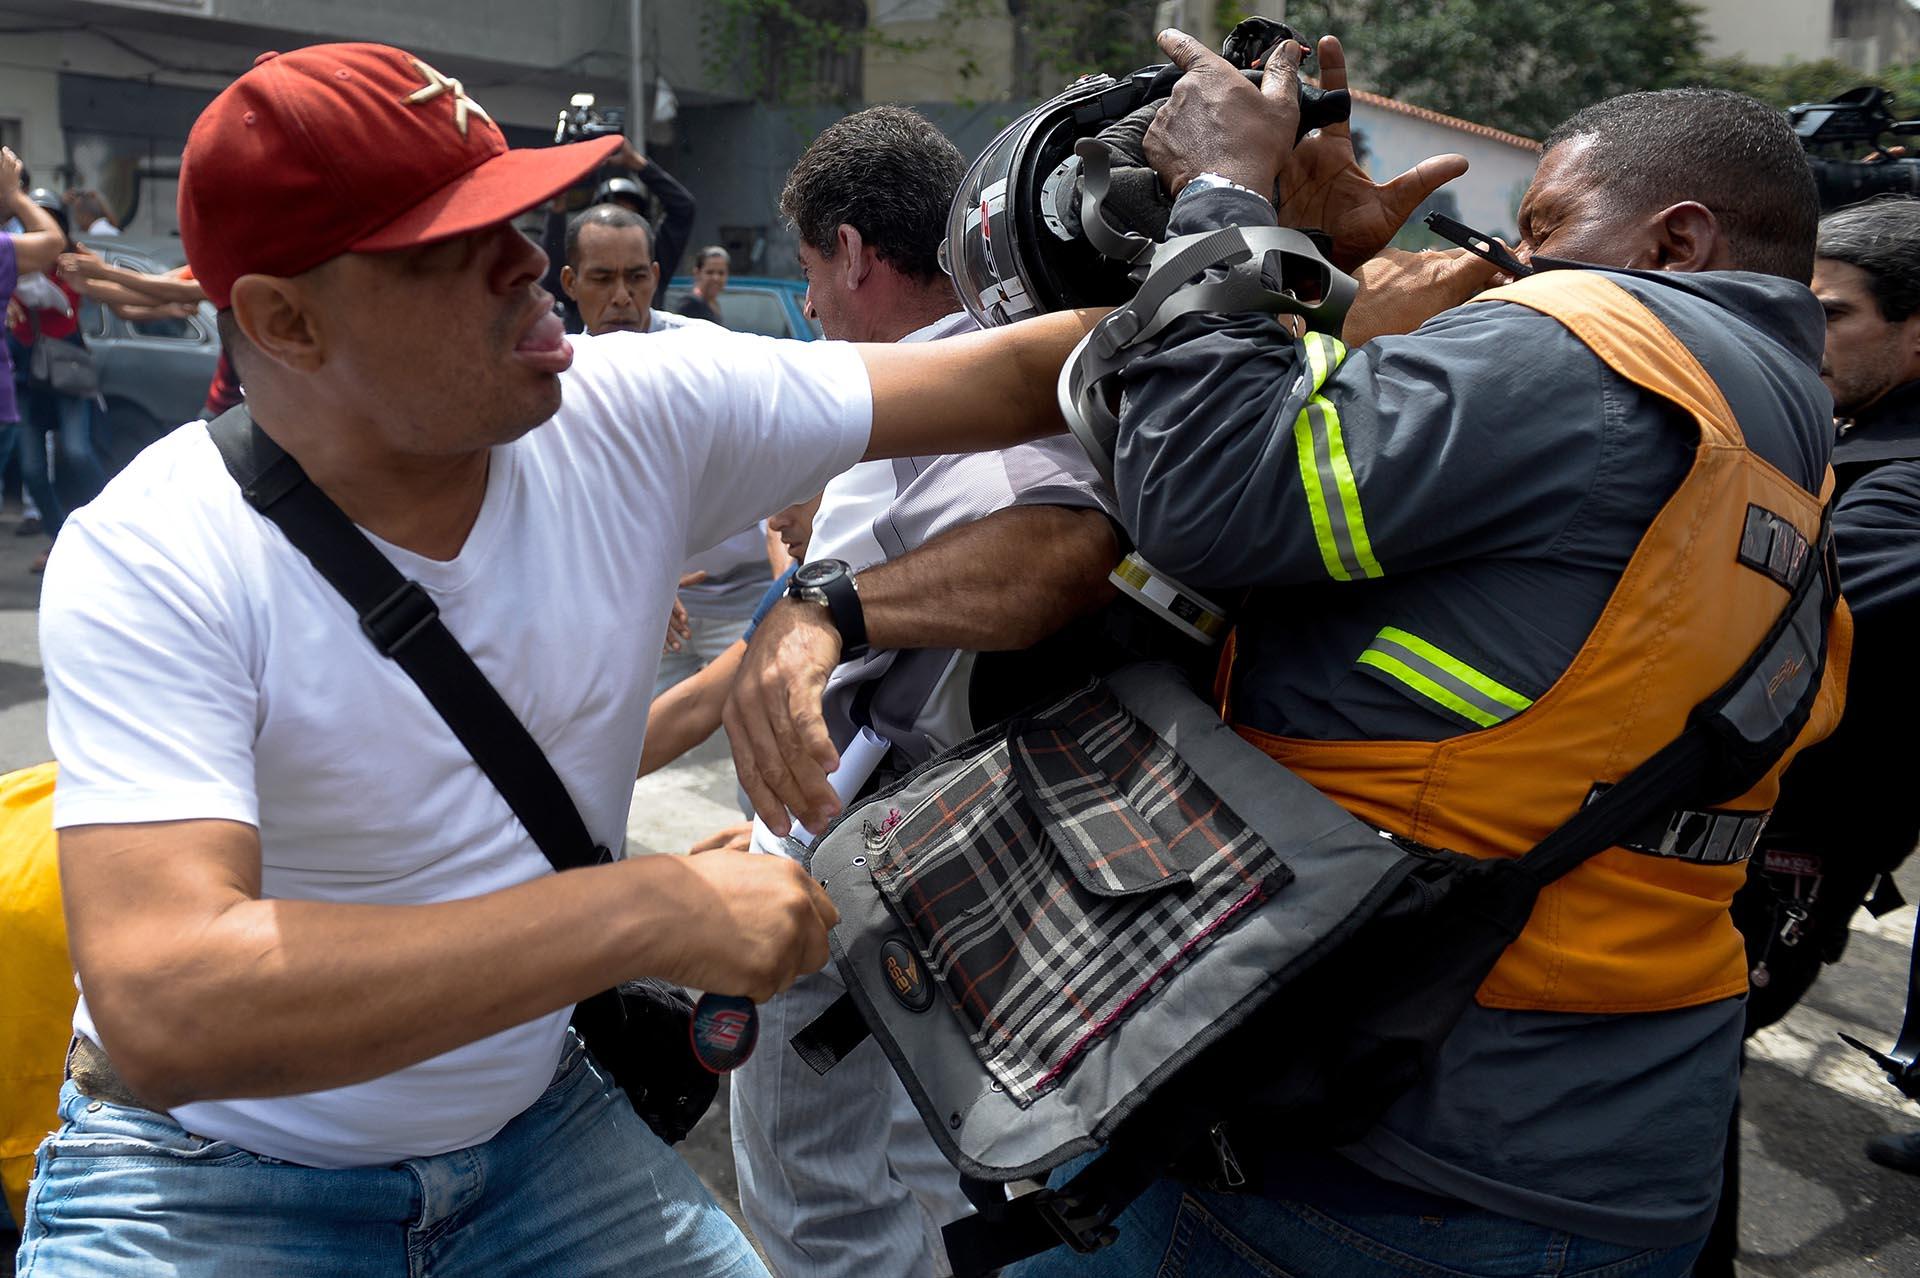 Colectivos chavistas agreden a manifestantes de la oposición frente a la Corte Suprema de Justicia en Caracas (AFP)